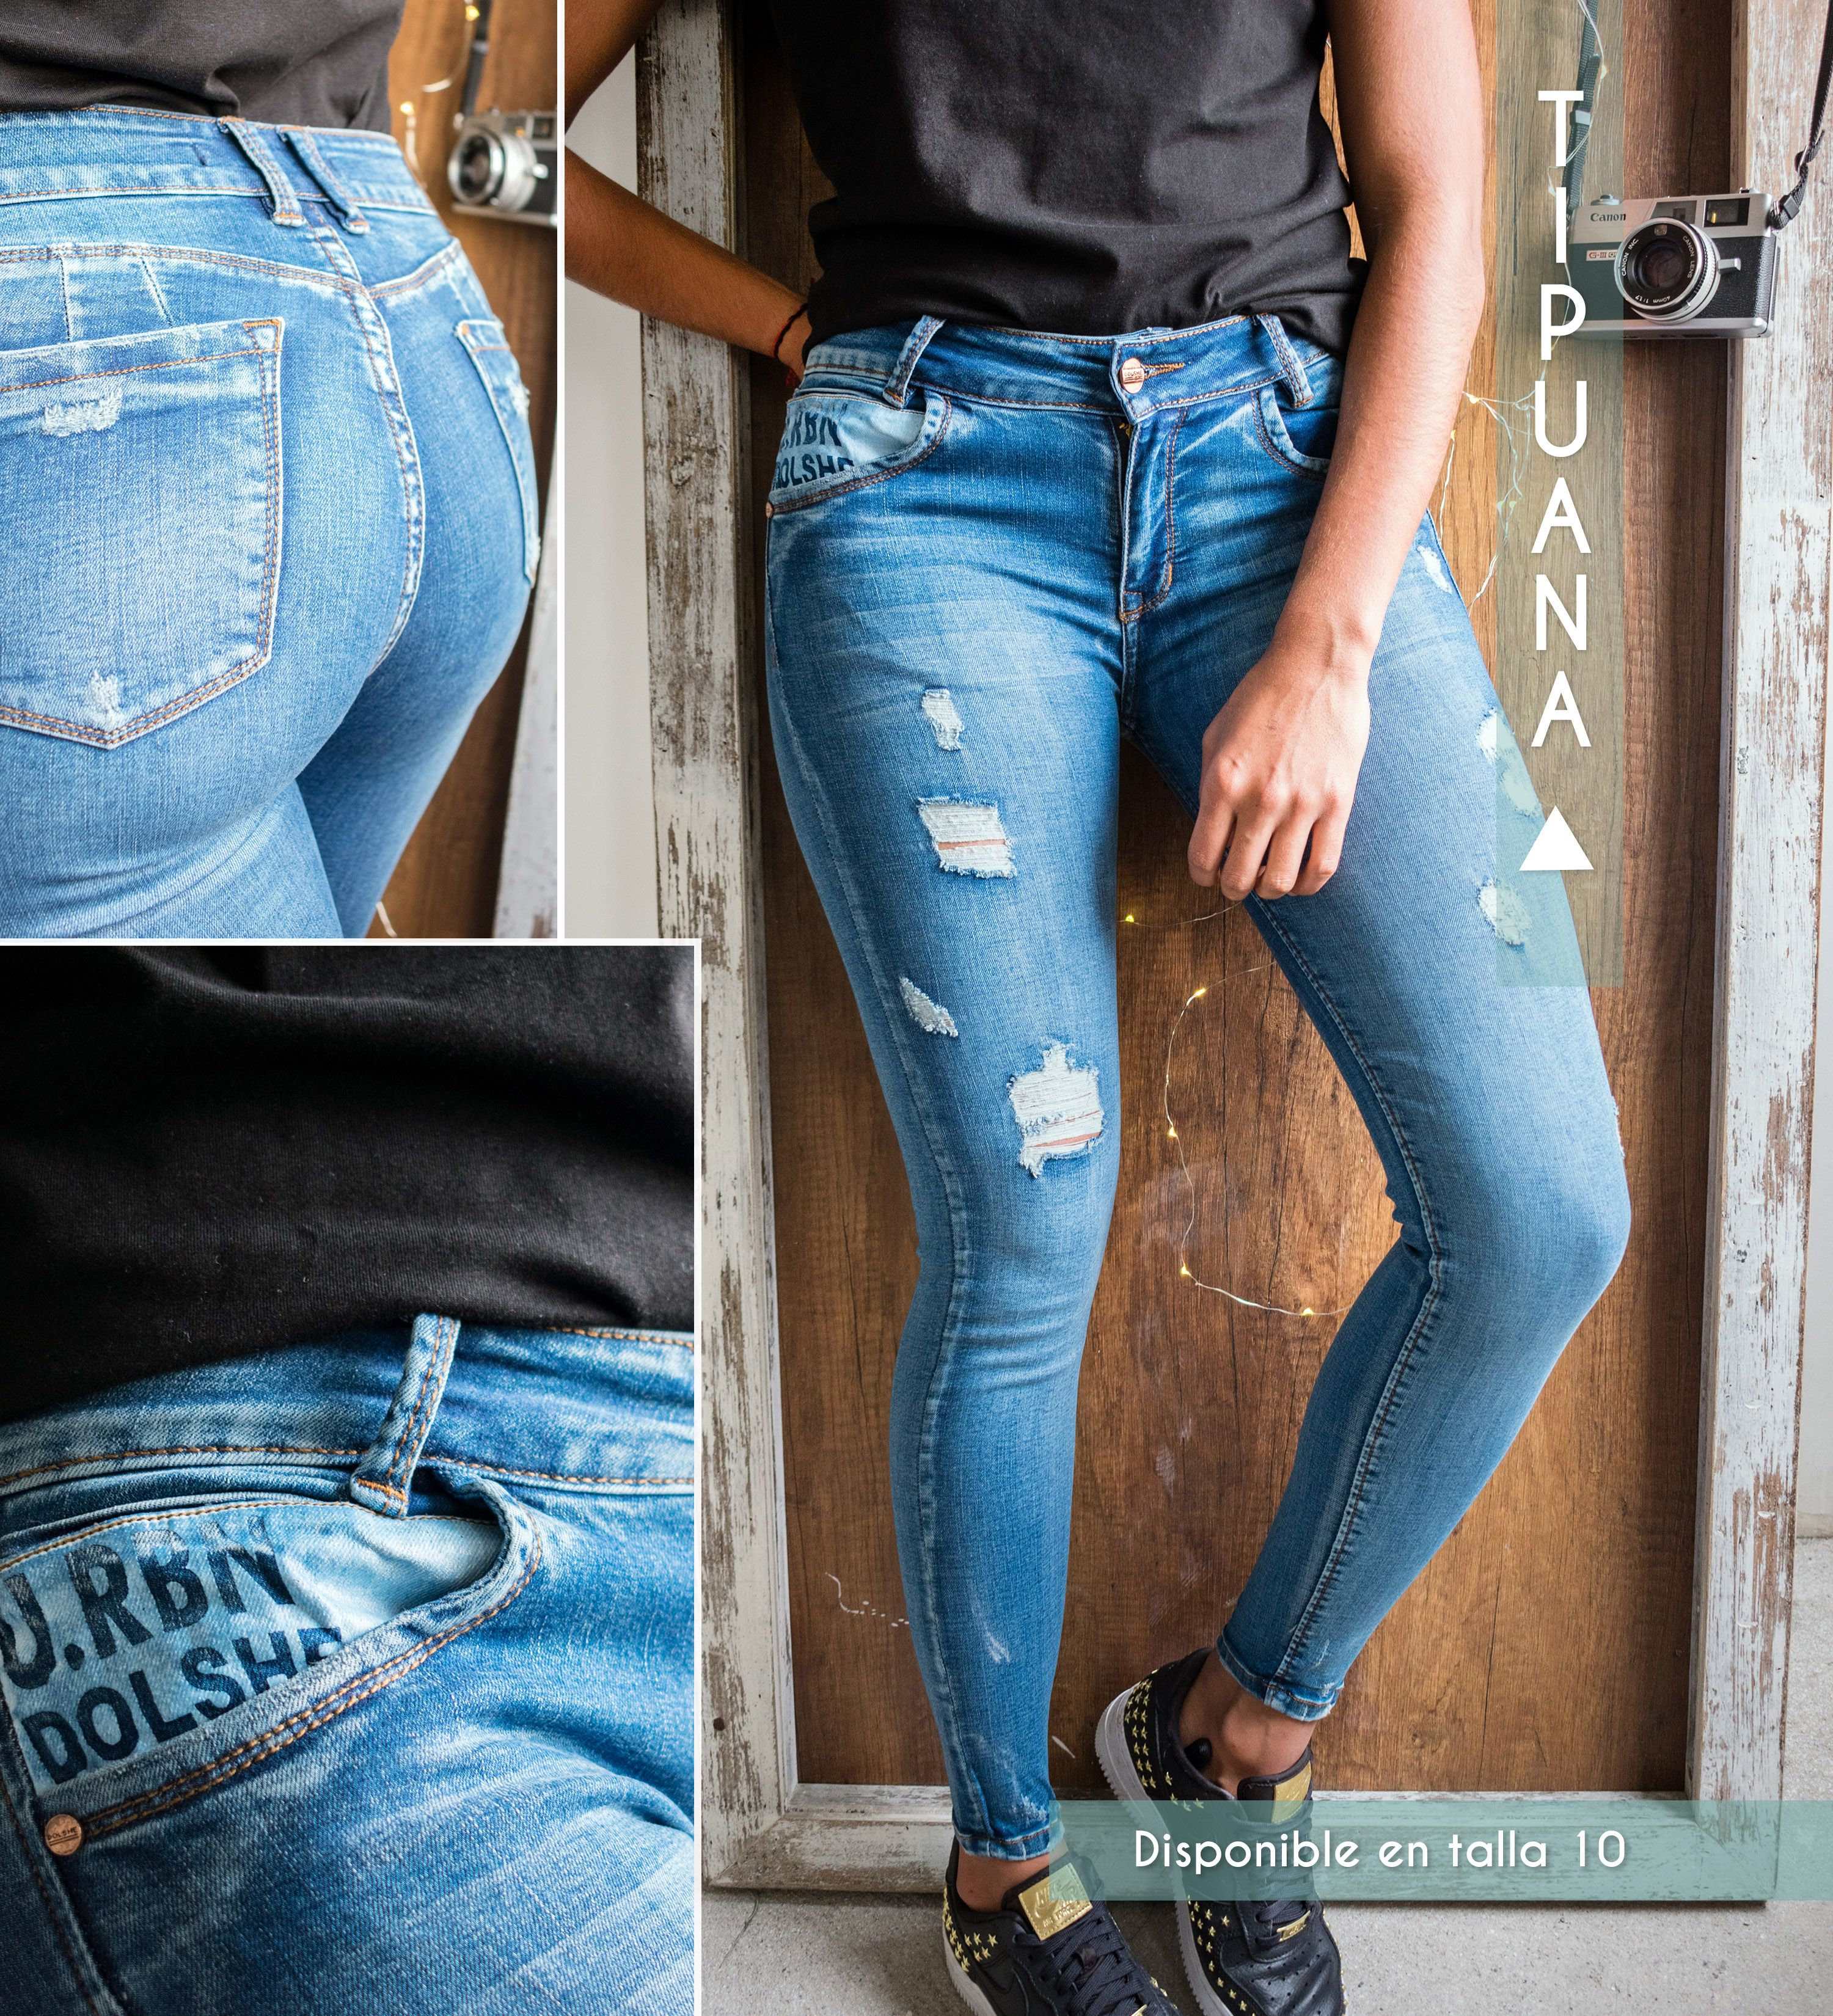 Llena Tu Closet Con Mucho Denim Versátil Y único Te Esperamos Yosoydolshe Jeanscolombianos Jean Jeans De Moda Pantalones De Mezclilla Mujer Outfits